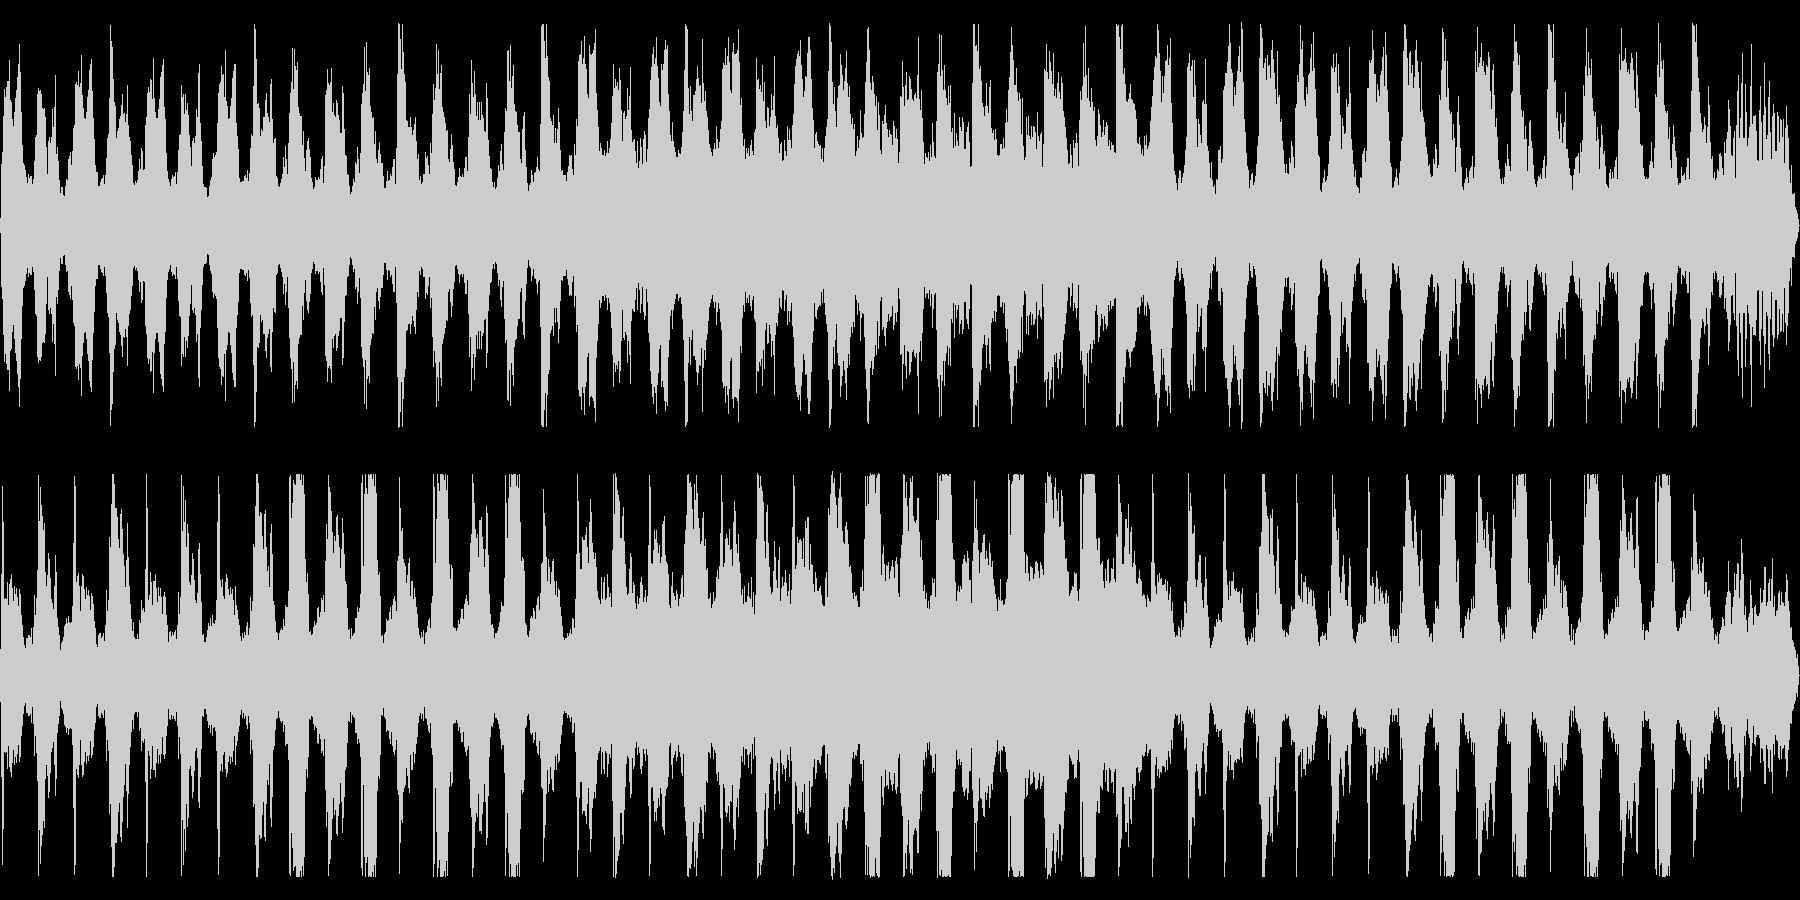 おどろおどろしい行進曲(ループ可)の未再生の波形